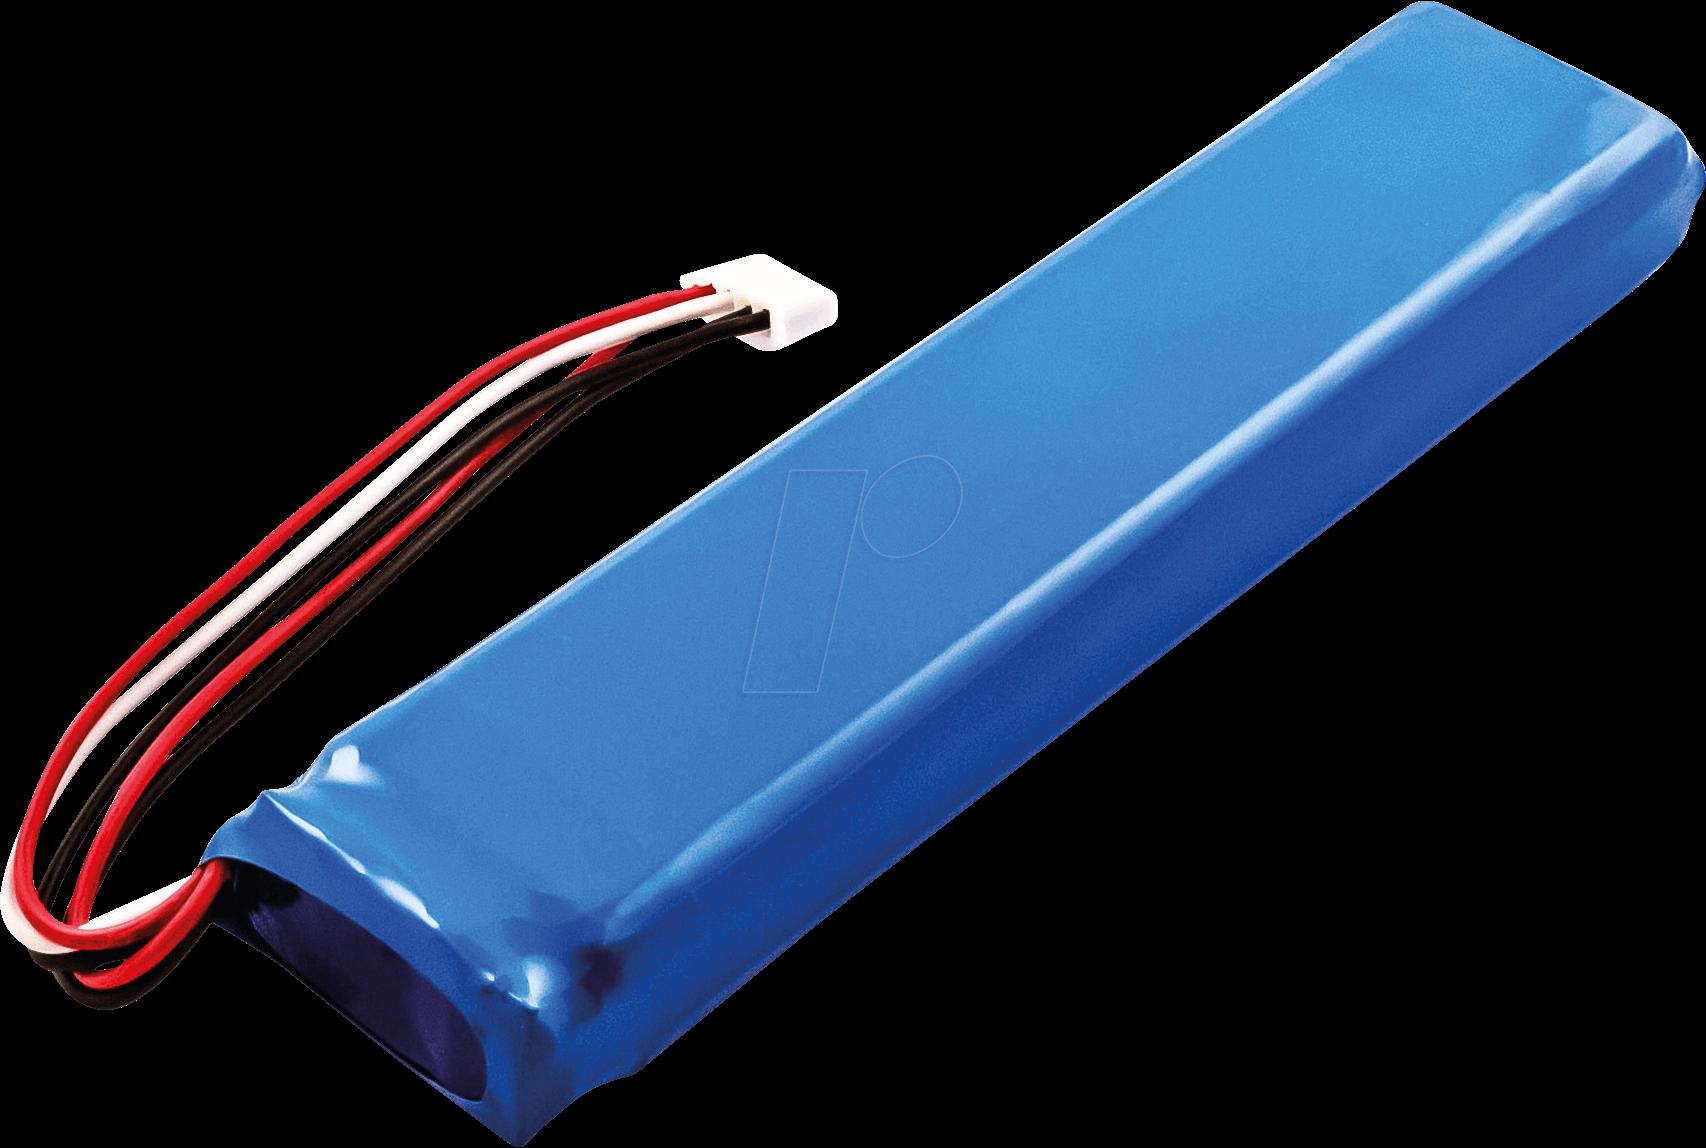 AKKU 30960 - Battery for JBL Xtreme, Li-Po, 5000 mAh